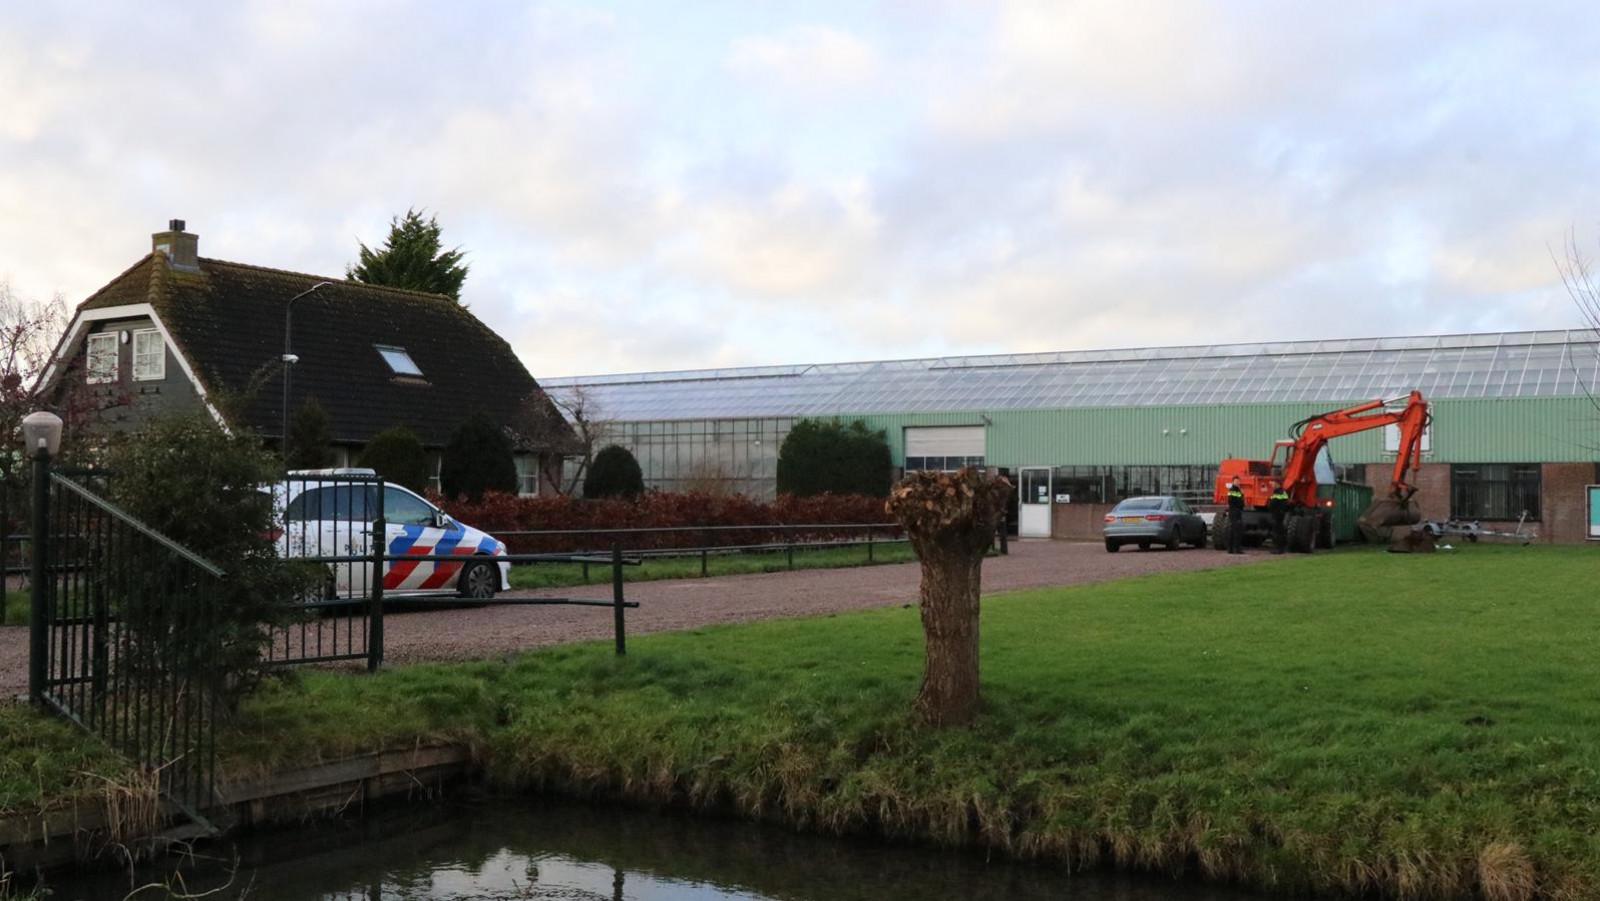 Gewonde bij ongeluk met graafmachine in Aalsmeer.